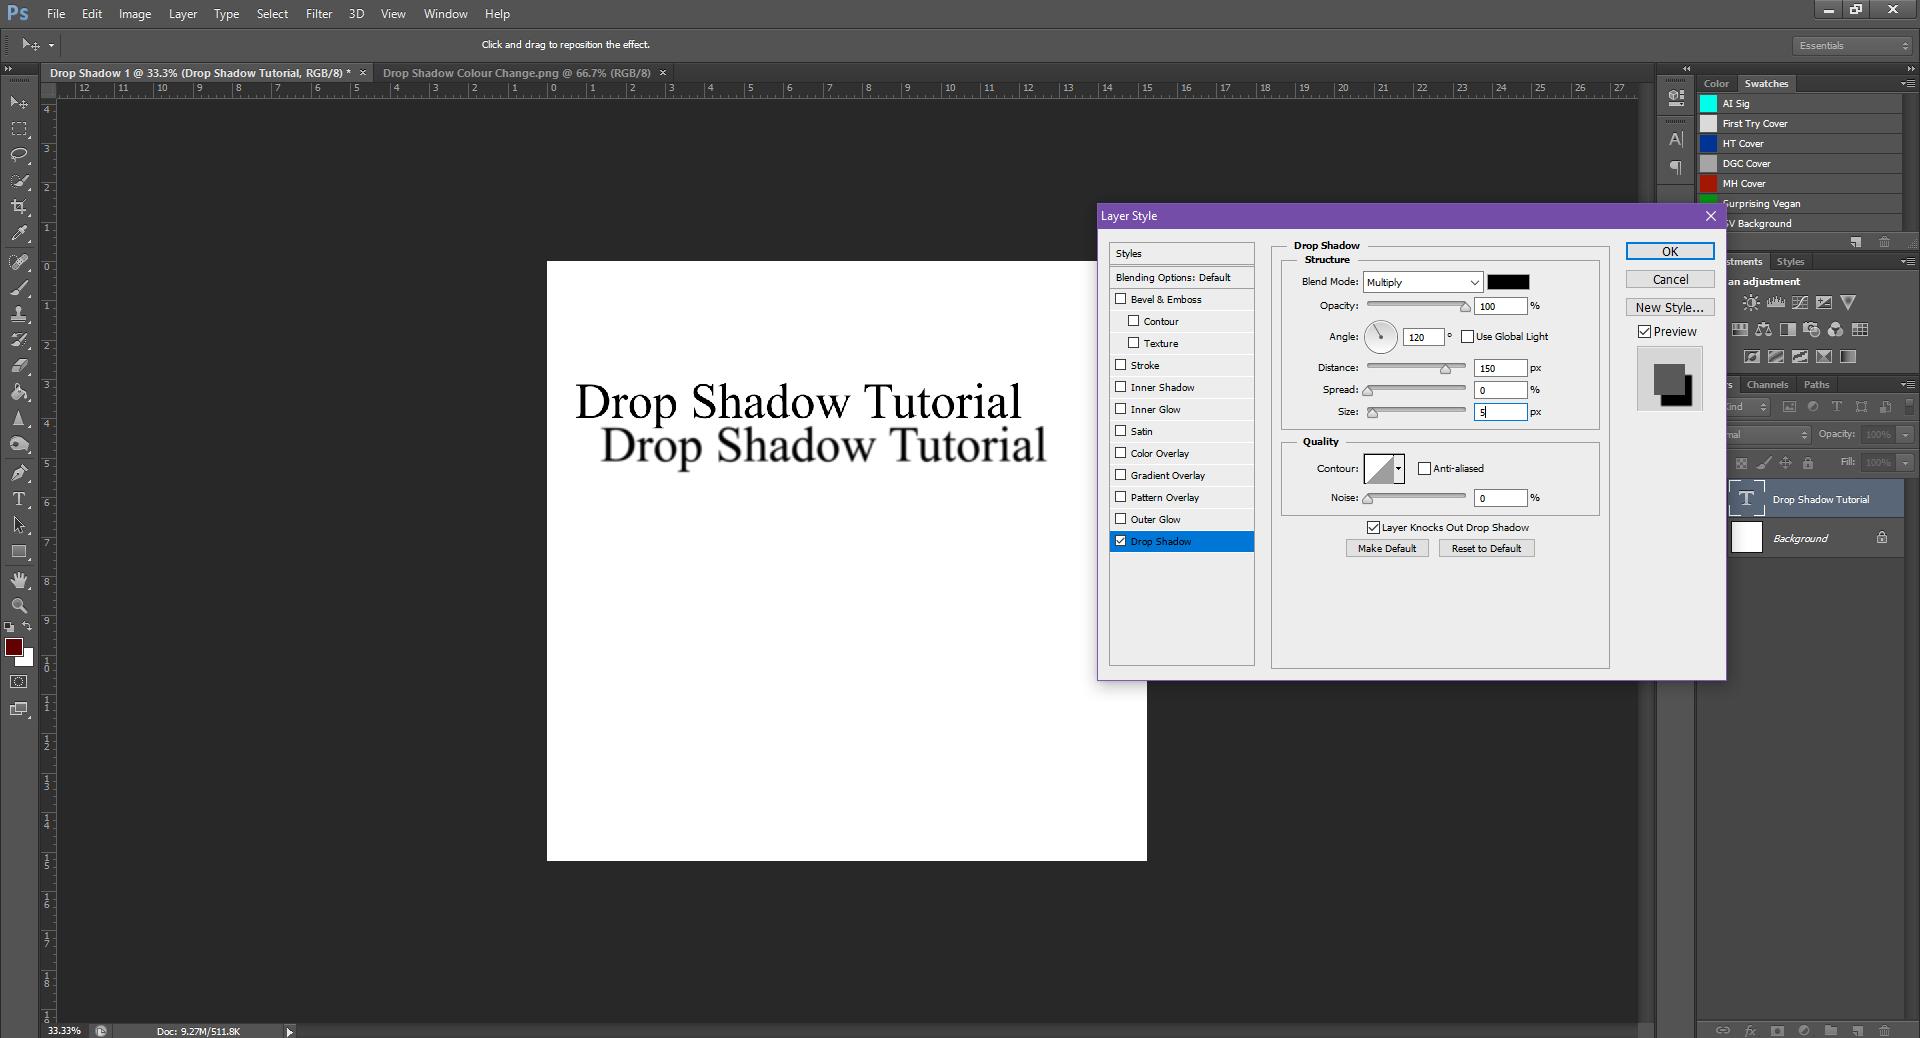 AterImber.com - Writing - Writing Tips - PHSH Tutorial - Drop Shadow - Size 5